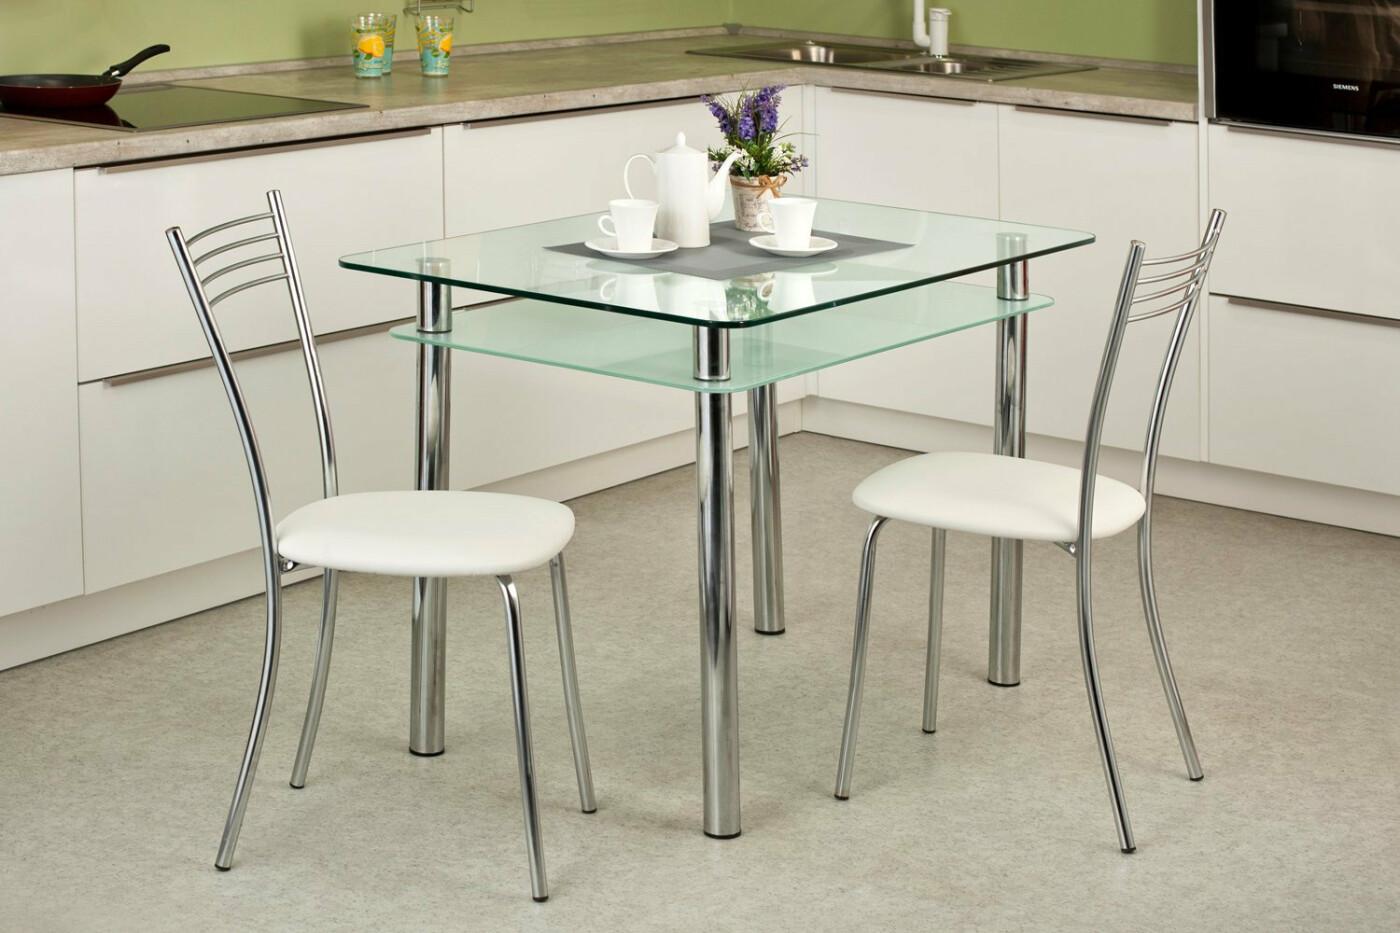 Обеденный стол - что нужно знать перед покупкой?, фото-1